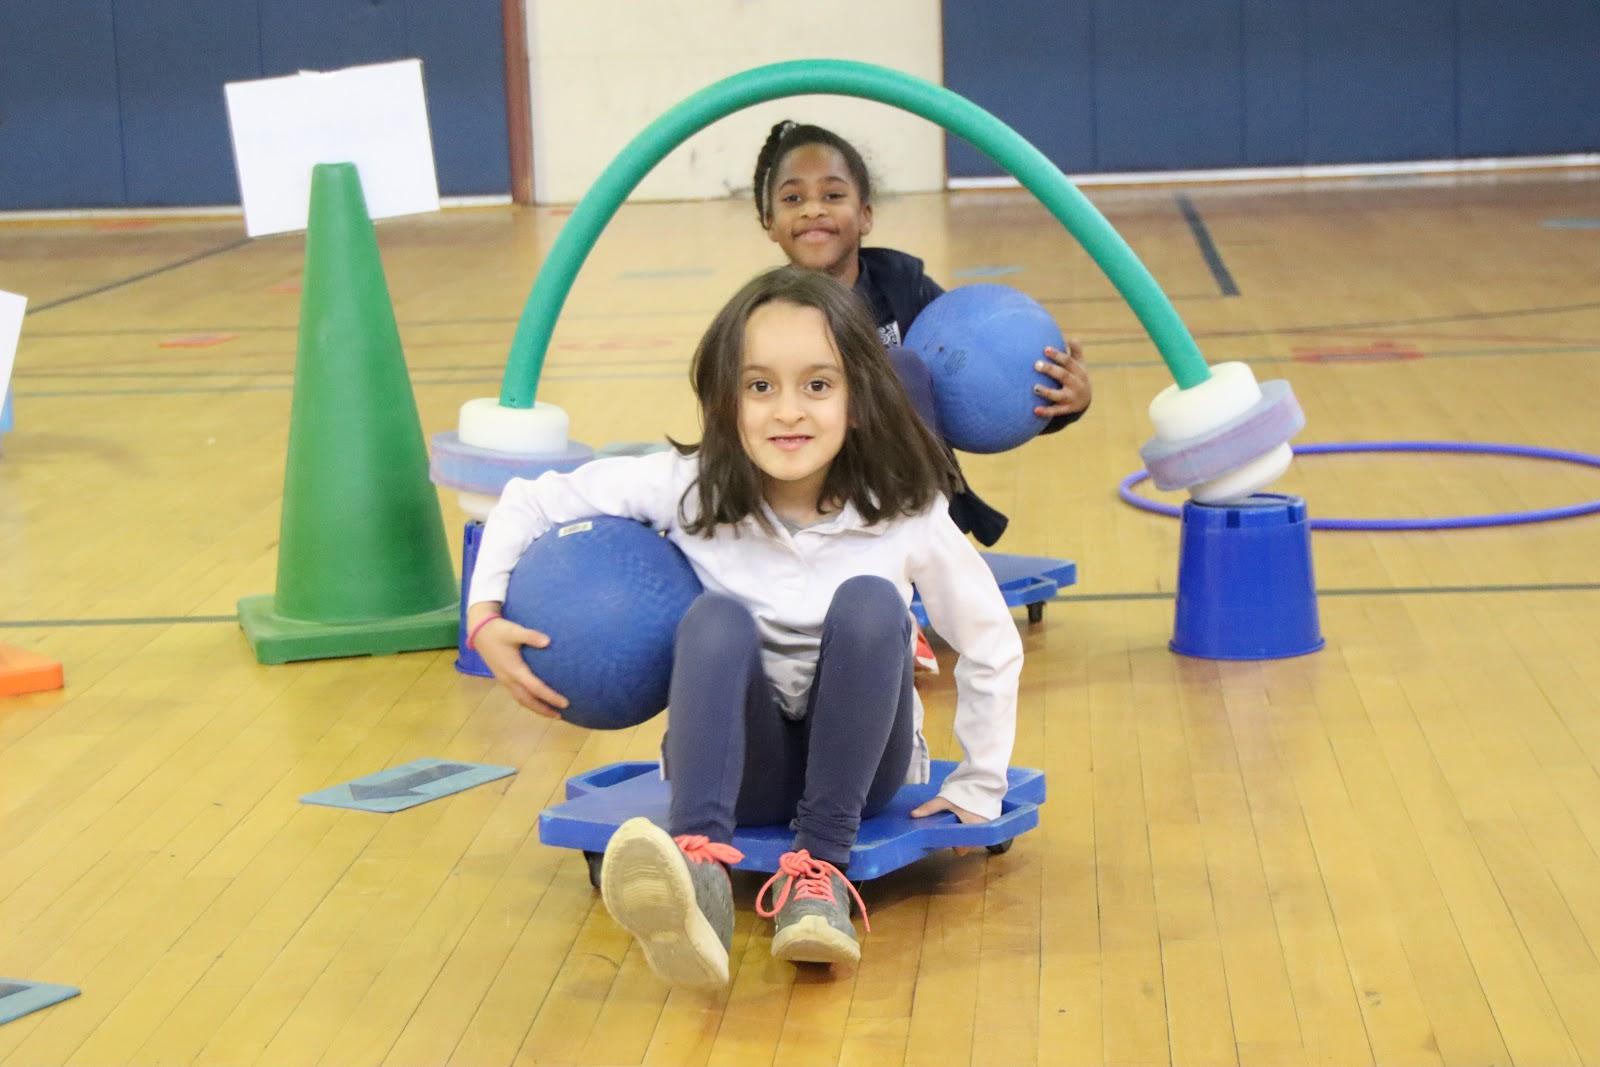 benefits of exercise for children's social development